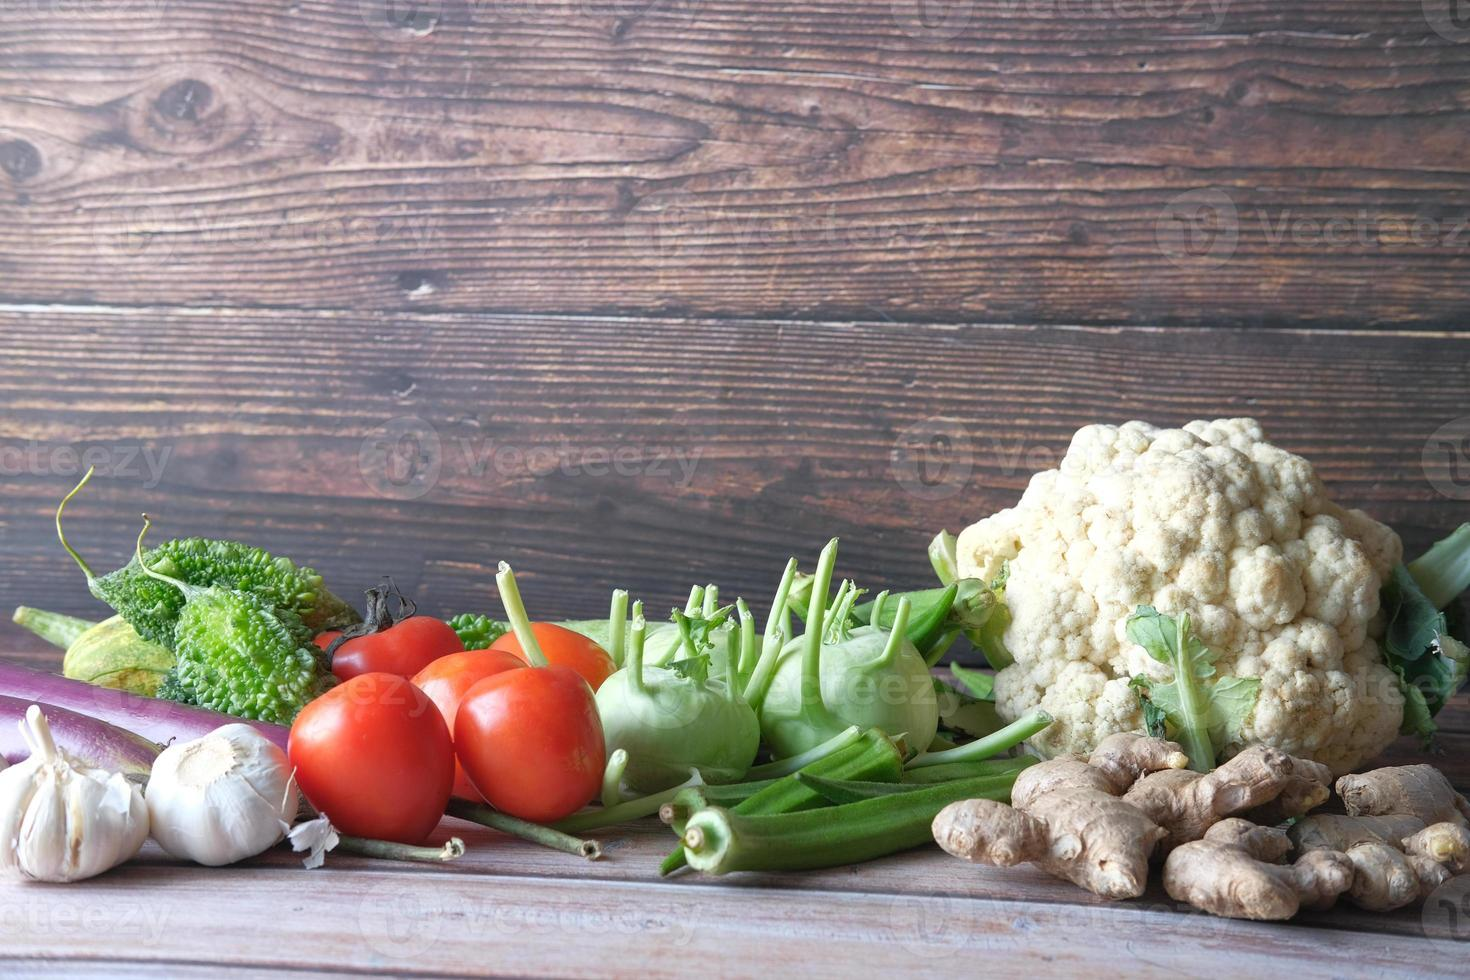 légumes frais sur une table photo